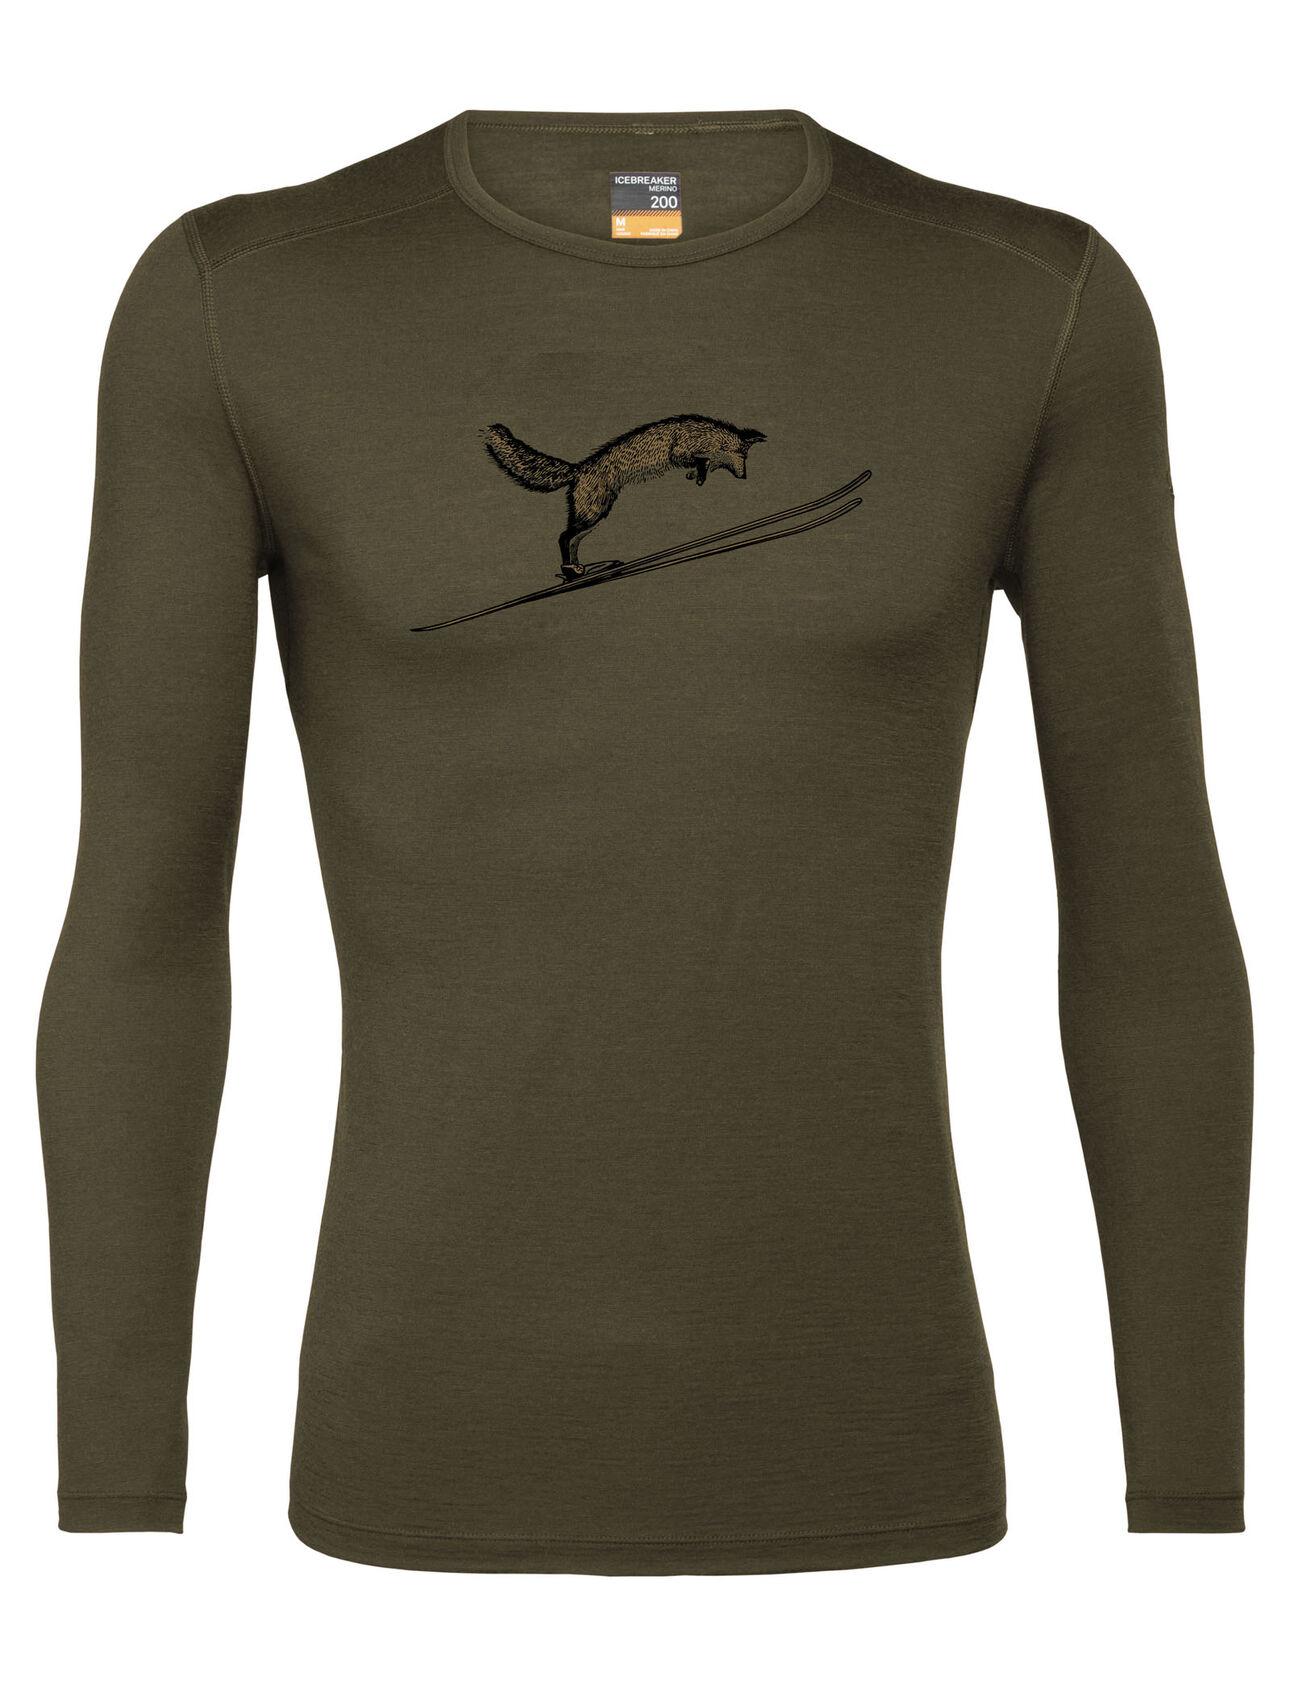 Merino 200 Oasis Long Sleeve Crewe Thermal Top Fox Jump